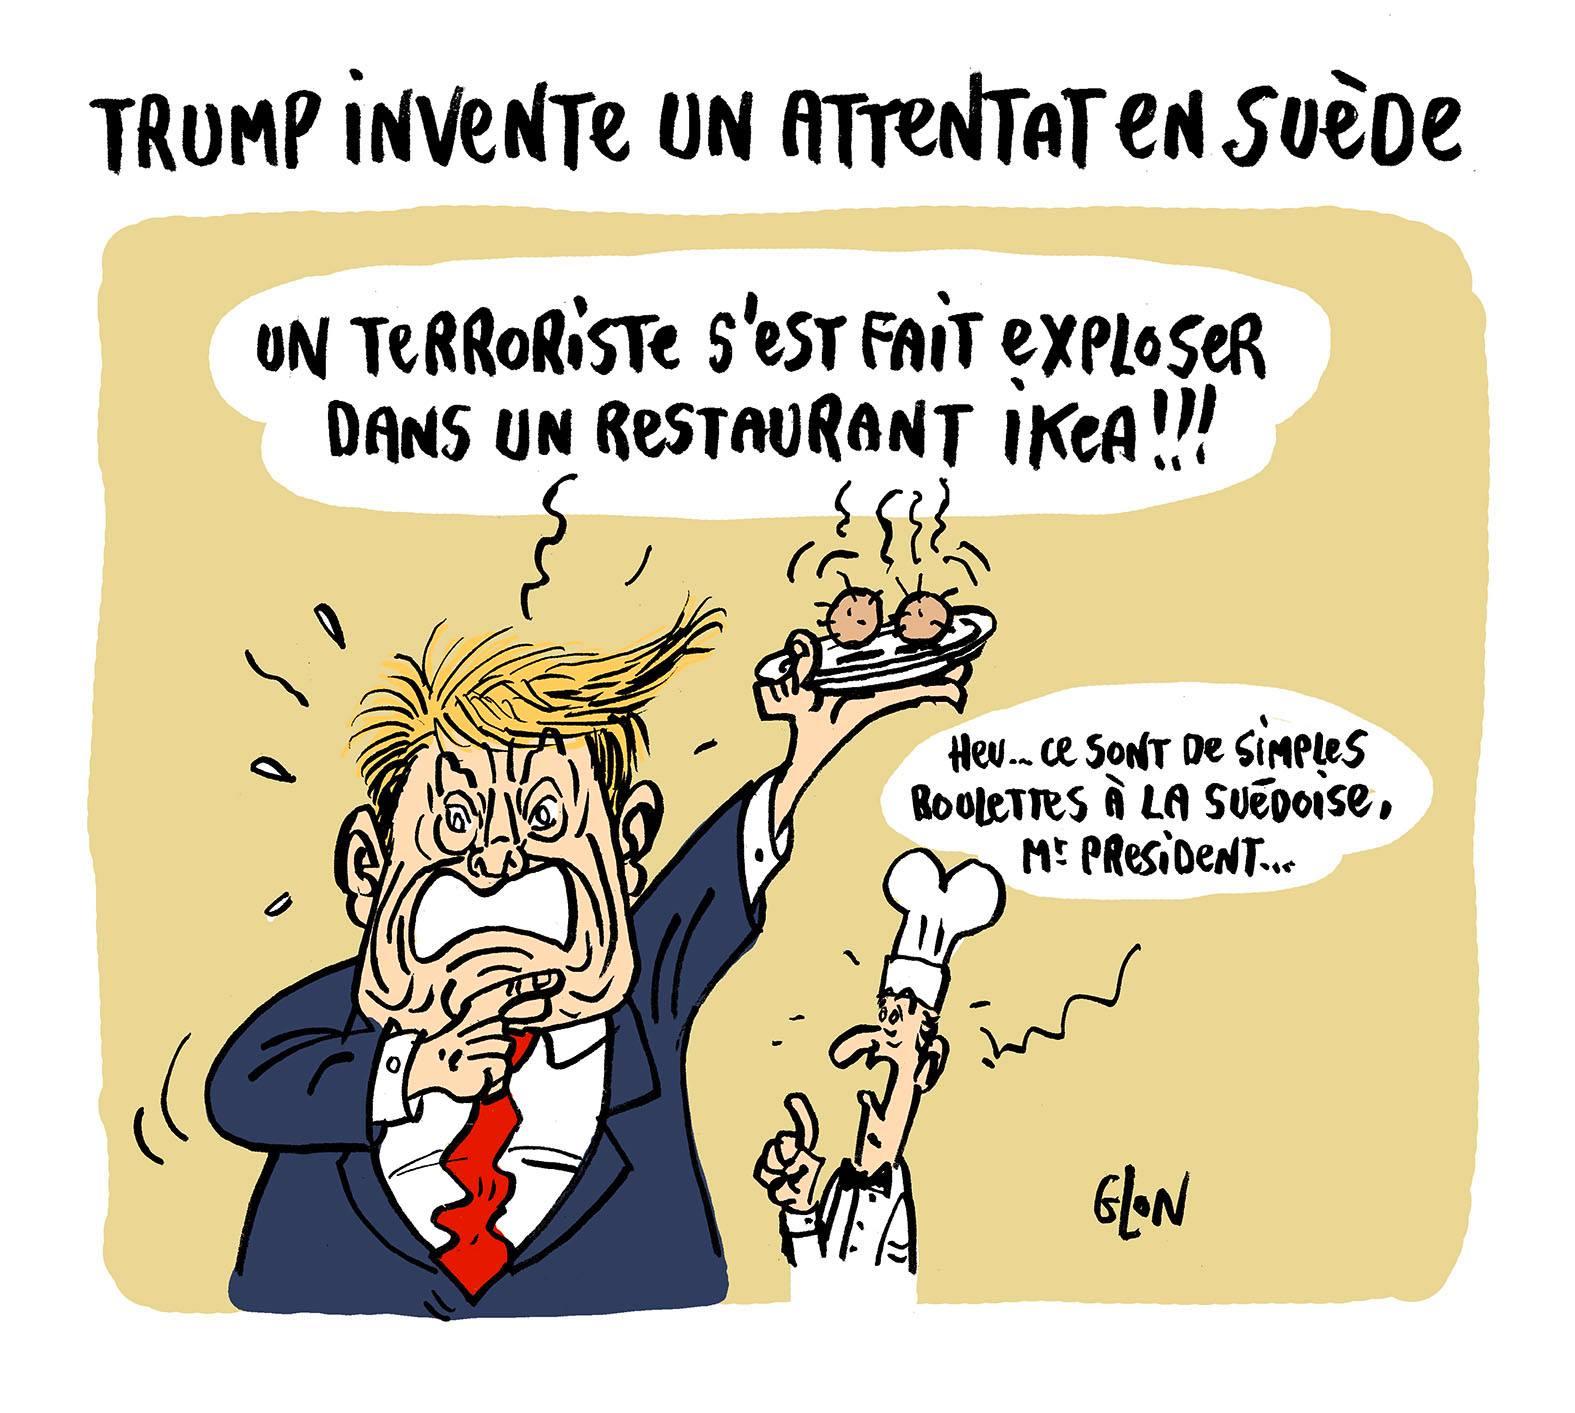 dessin humoristique de Donald Trump dans un restaurant Ikéa